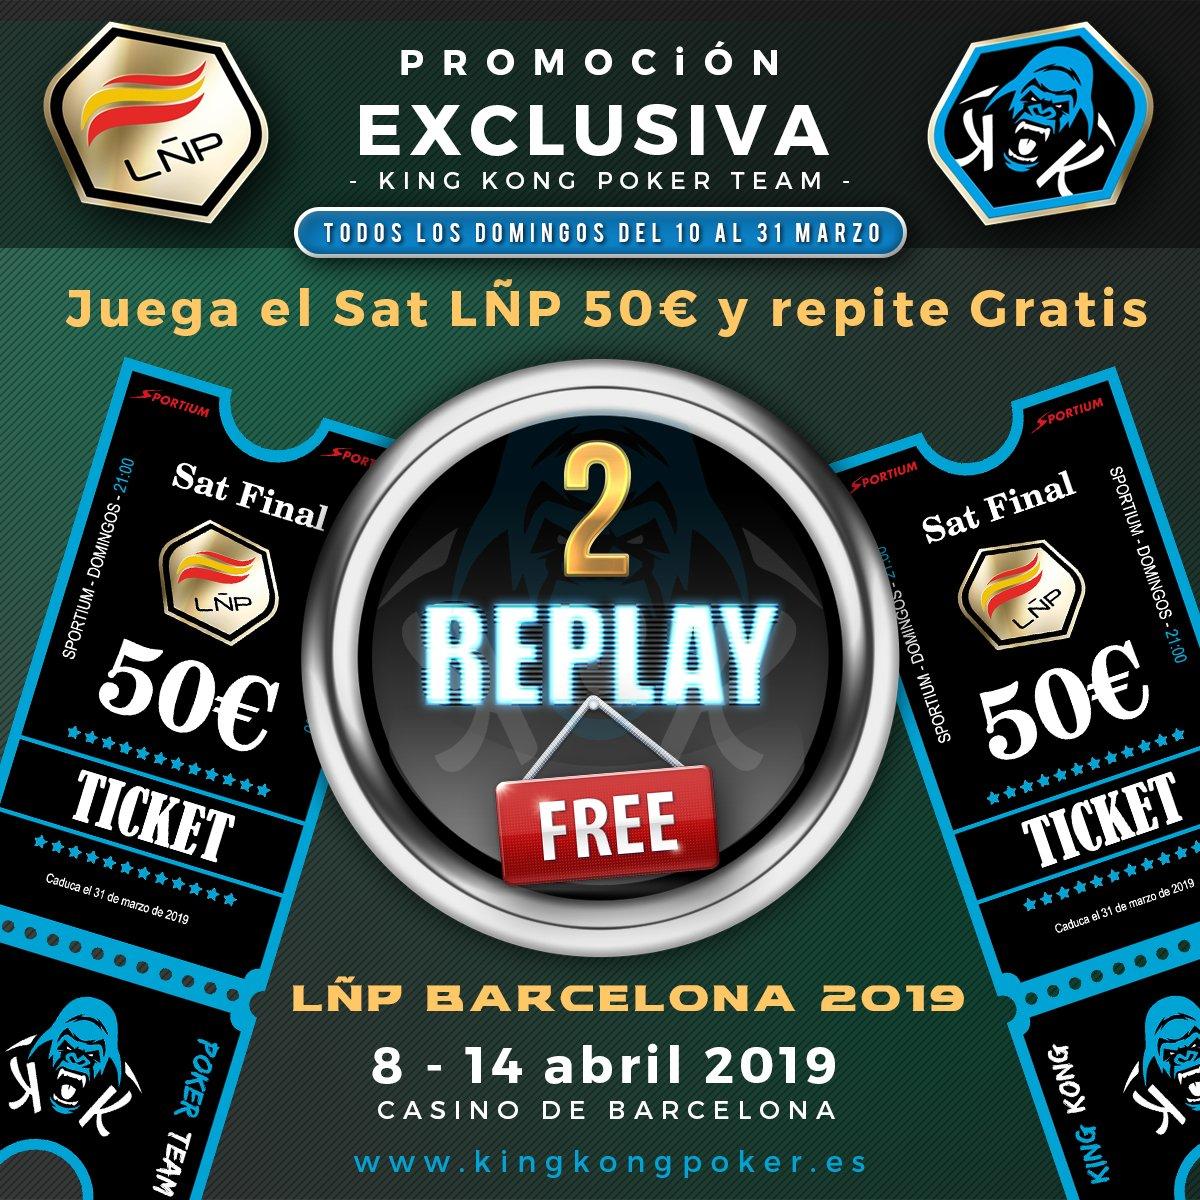 🚨 SUPER PROMO #2REPLAYFREE 50€ 🚨  #RoadTo #LÑP4 Barcelona @ligaESpoker  🔊 HOY DOMINGO, 🕘 21:00 en al Sat 50€ 💶 LÑP @sportium , regalaremos DOS tokens 🎟️de 50€ a los 2 mejores 🦍#KinKones clasificados que no obtengan premio #BurbujaKinKon  🔽Info http://kingkongpoker.es/promociones-liga-espanola-poker/…